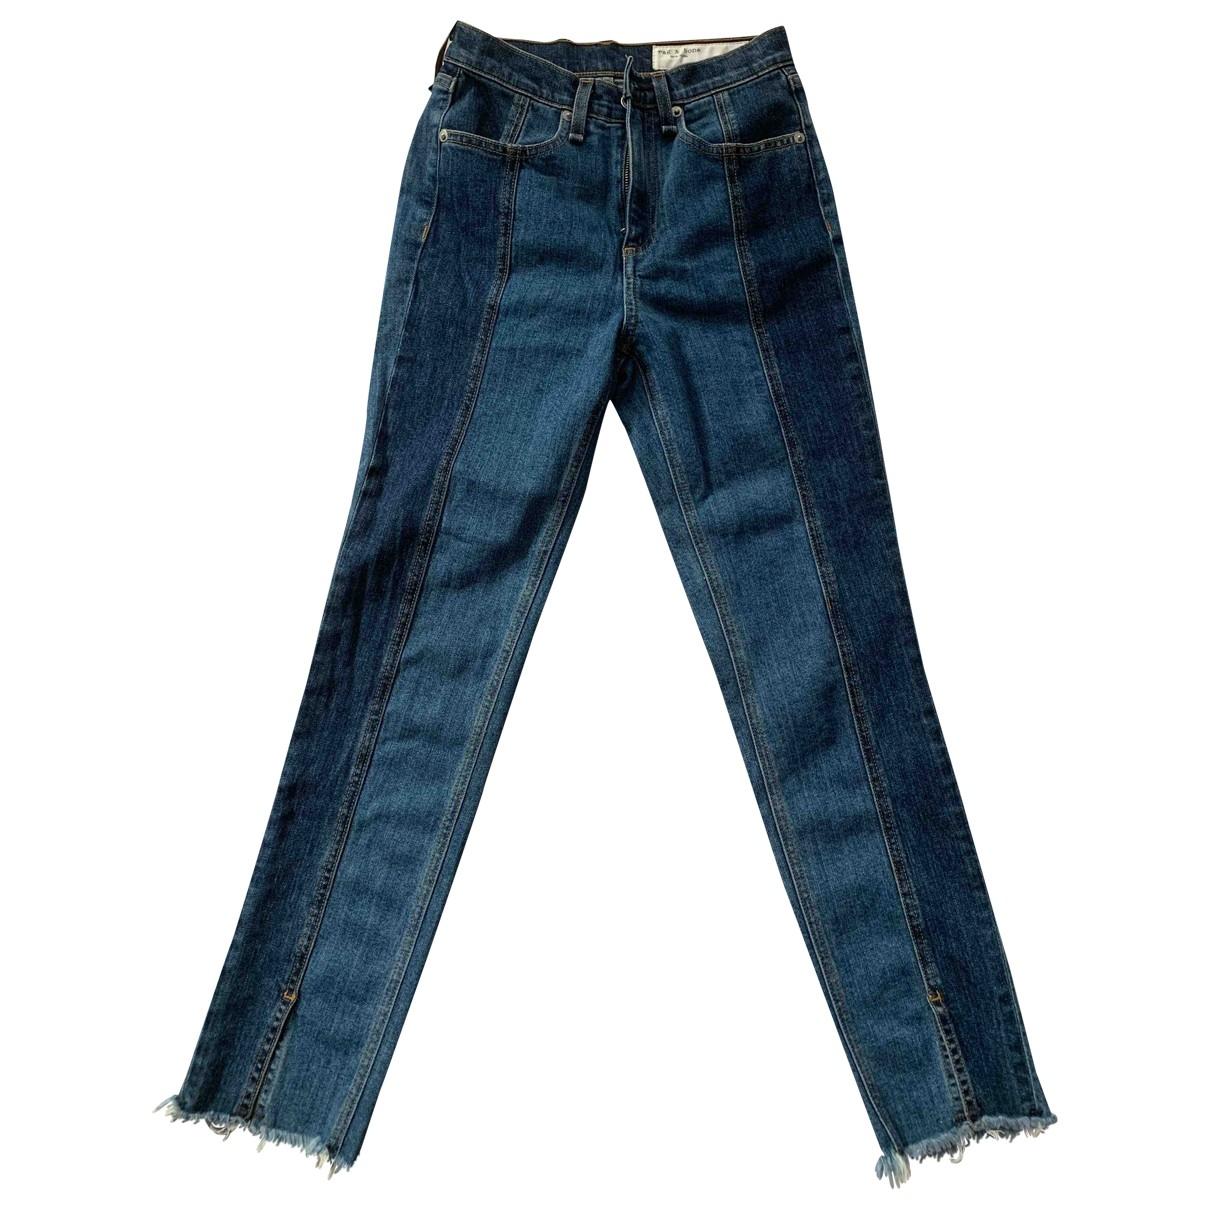 Rag & Bone \N Jeans in  Blau Denim - Jeans